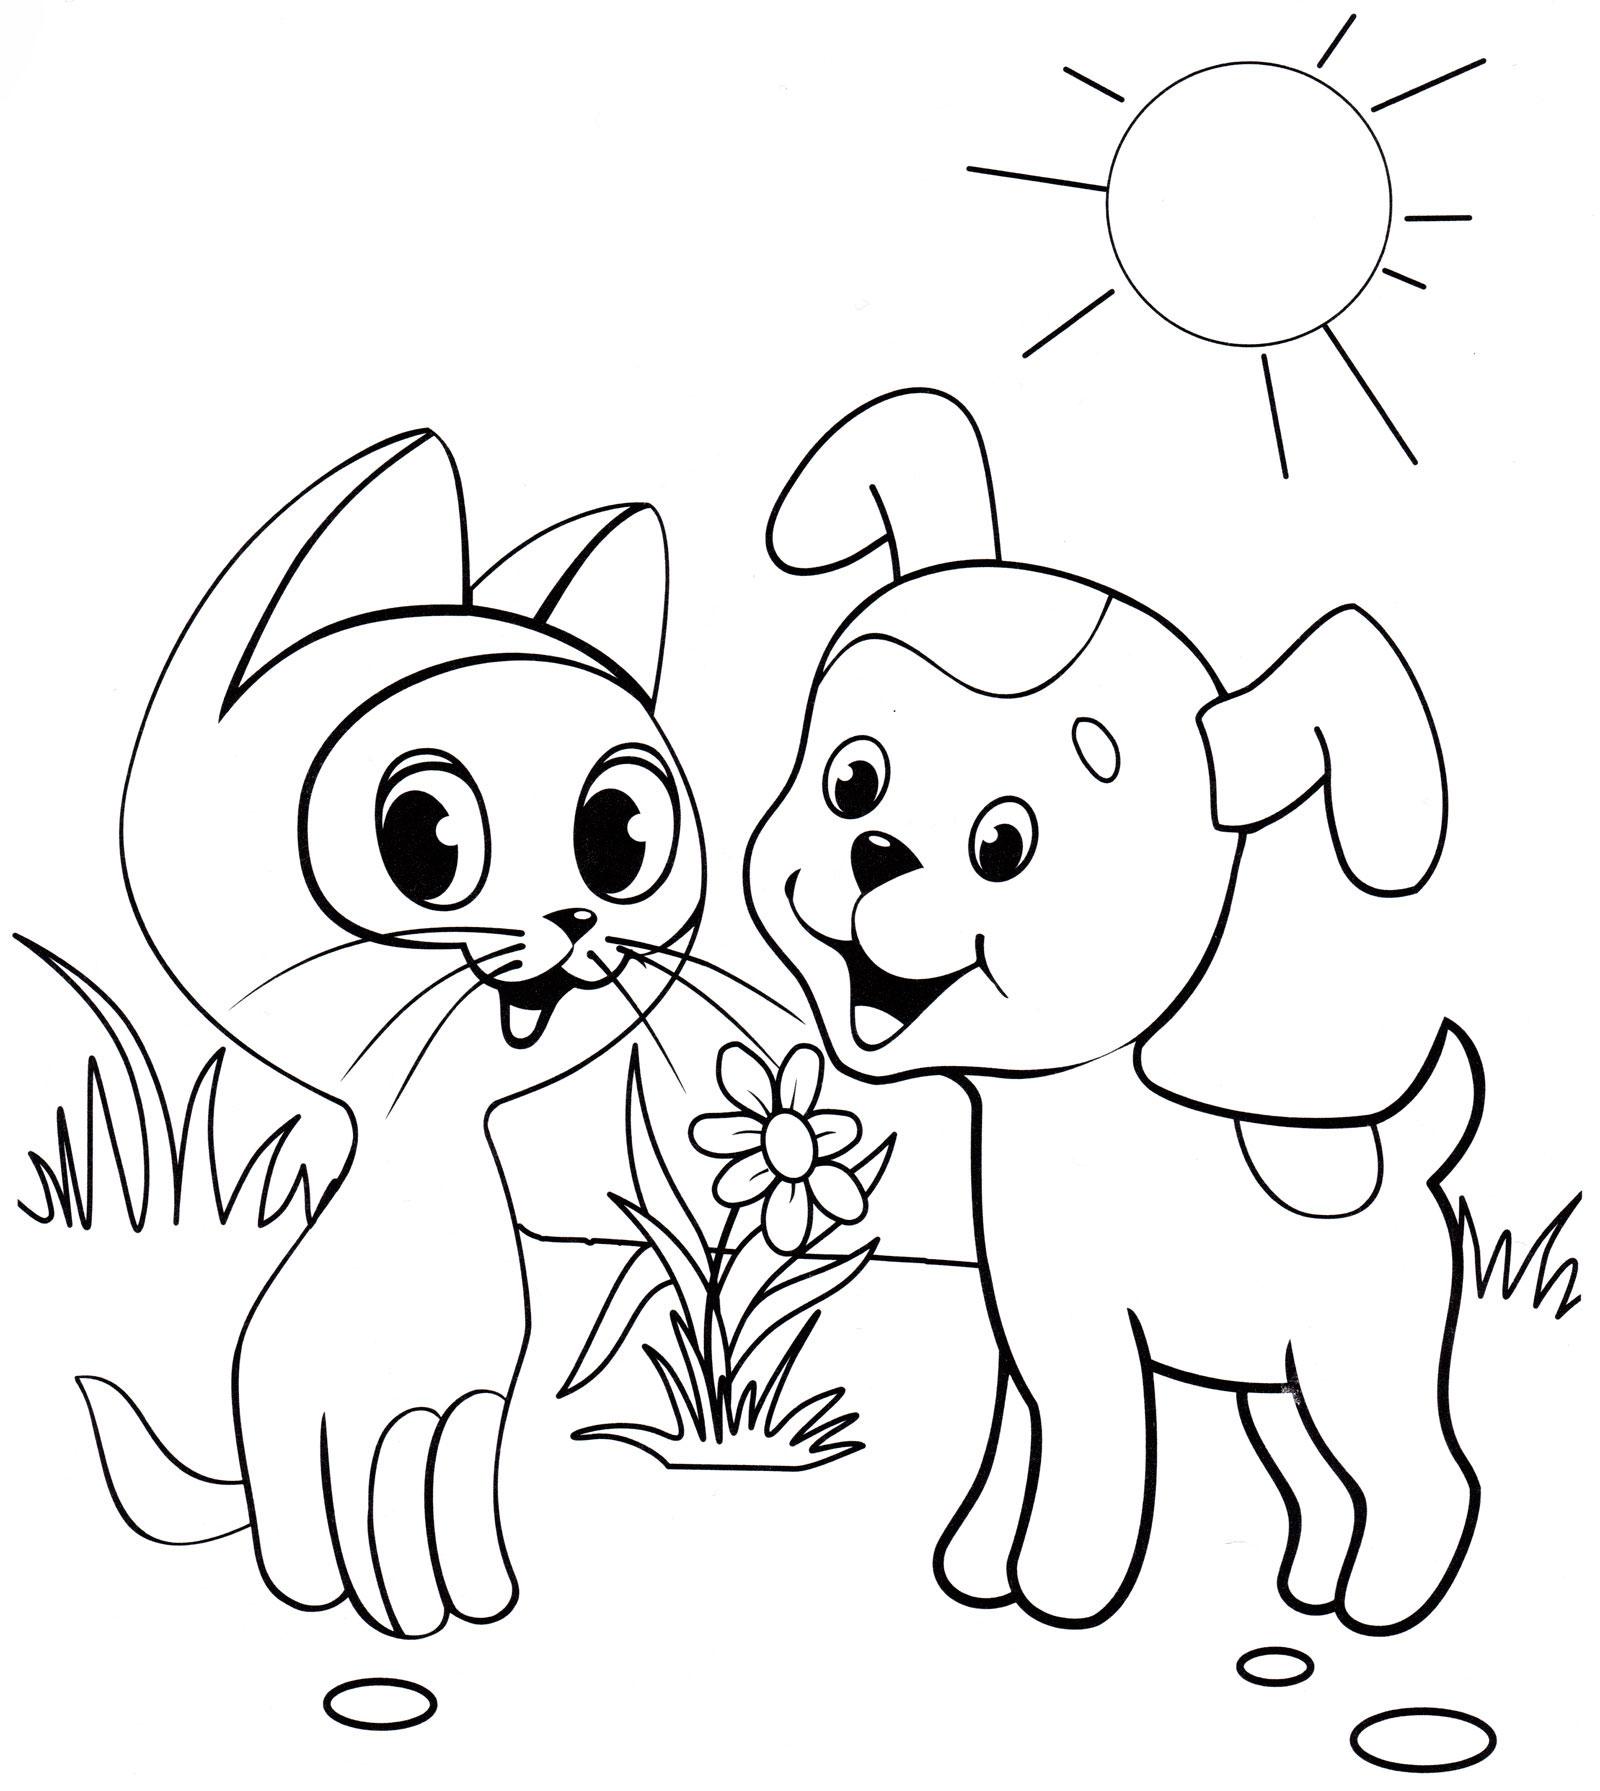 Раскраска Котенок Гав и щенок - распечатать бесплатно